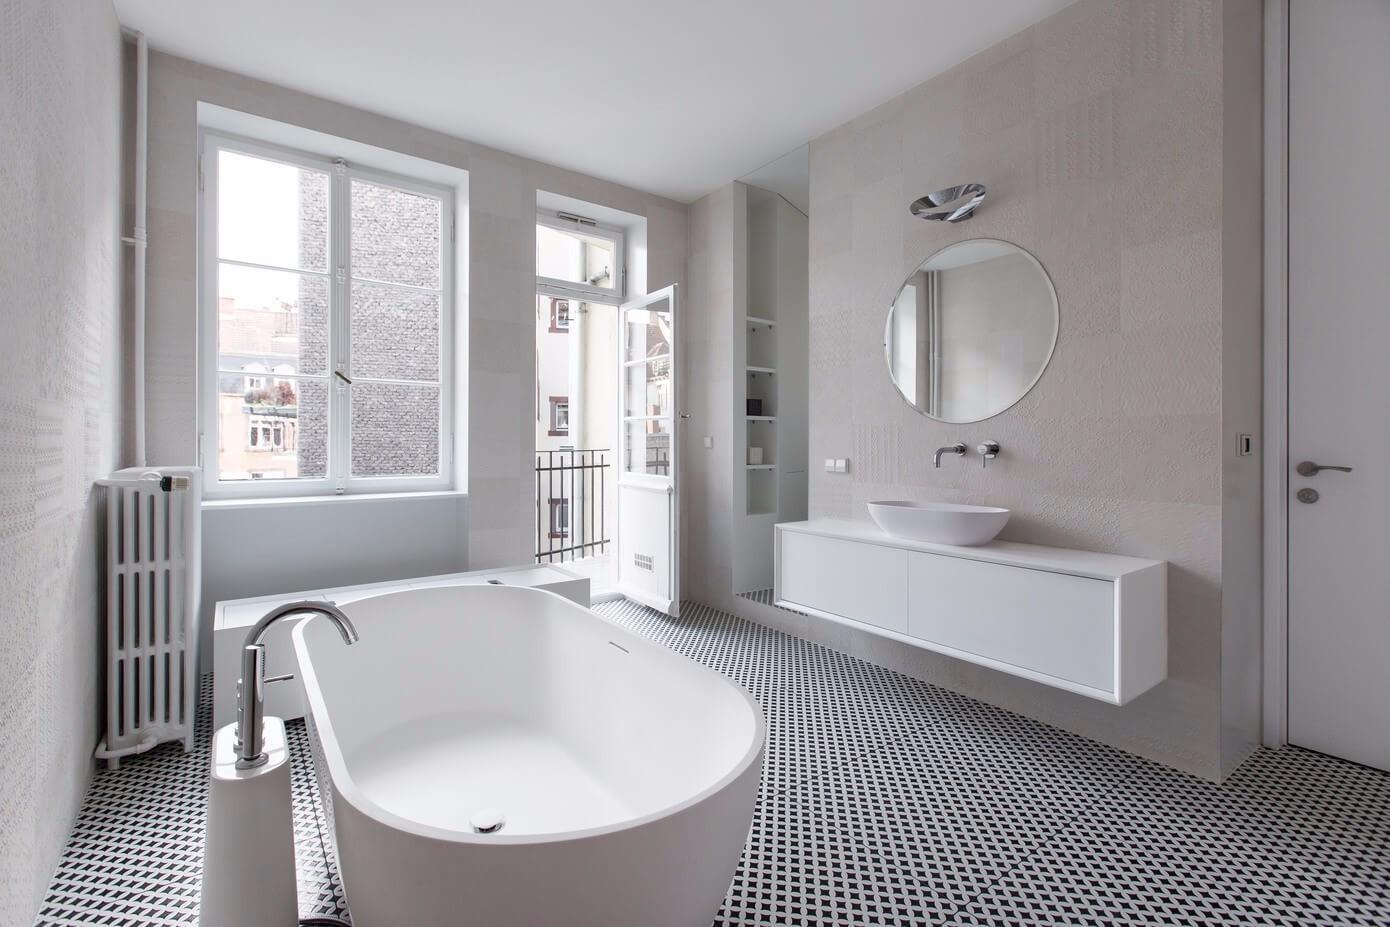 简约风格公寓卫生间装修效果图